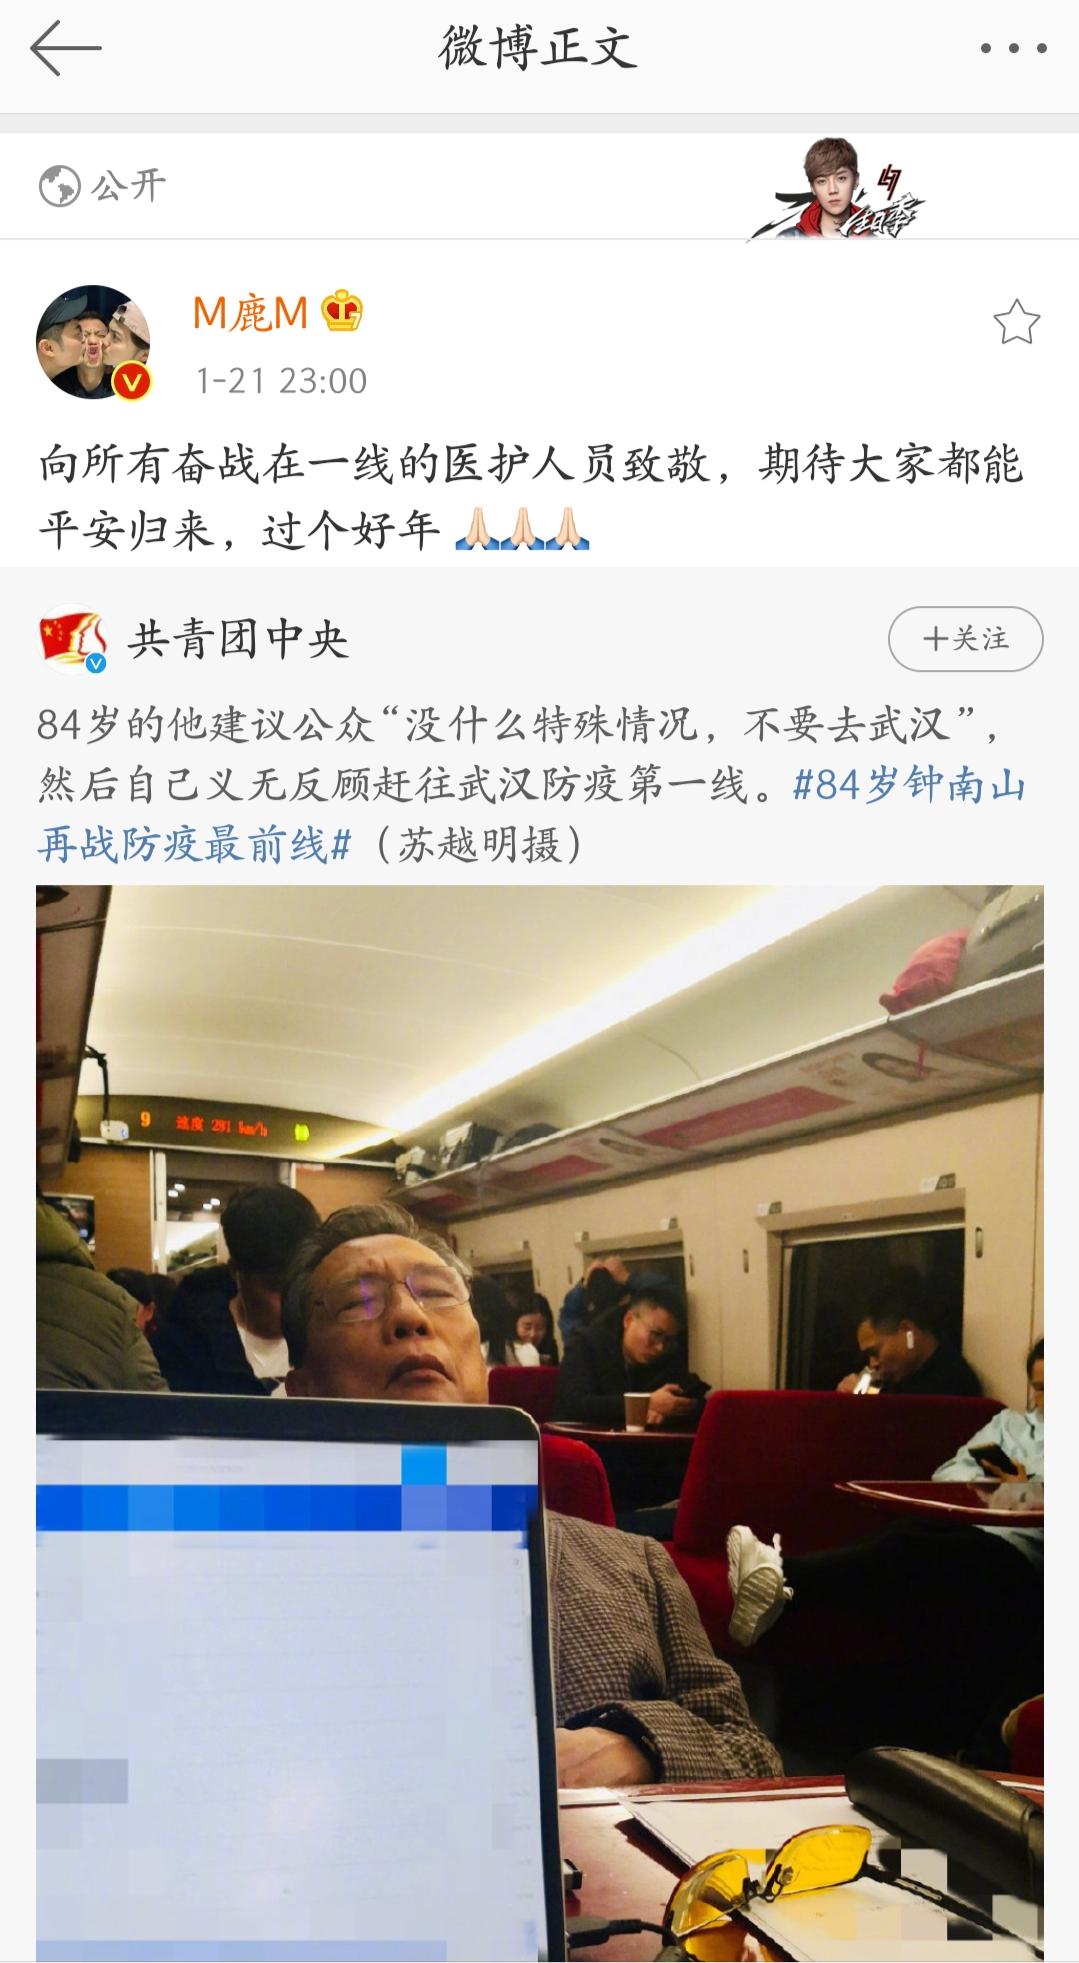 [新闻]200122 鹿晗发文致敬前线奋战的医护人员 在线祈福大家平平安安